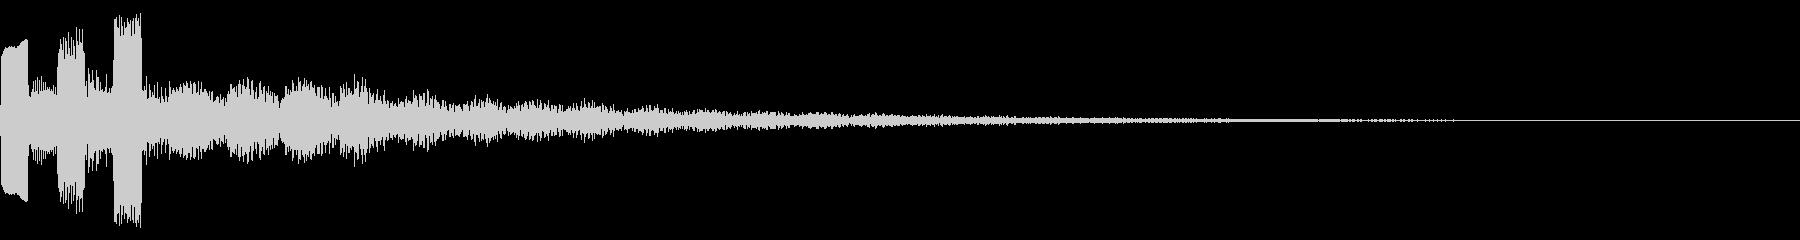 キラキラ/連鎖/コンボ/9回目の未再生の波形